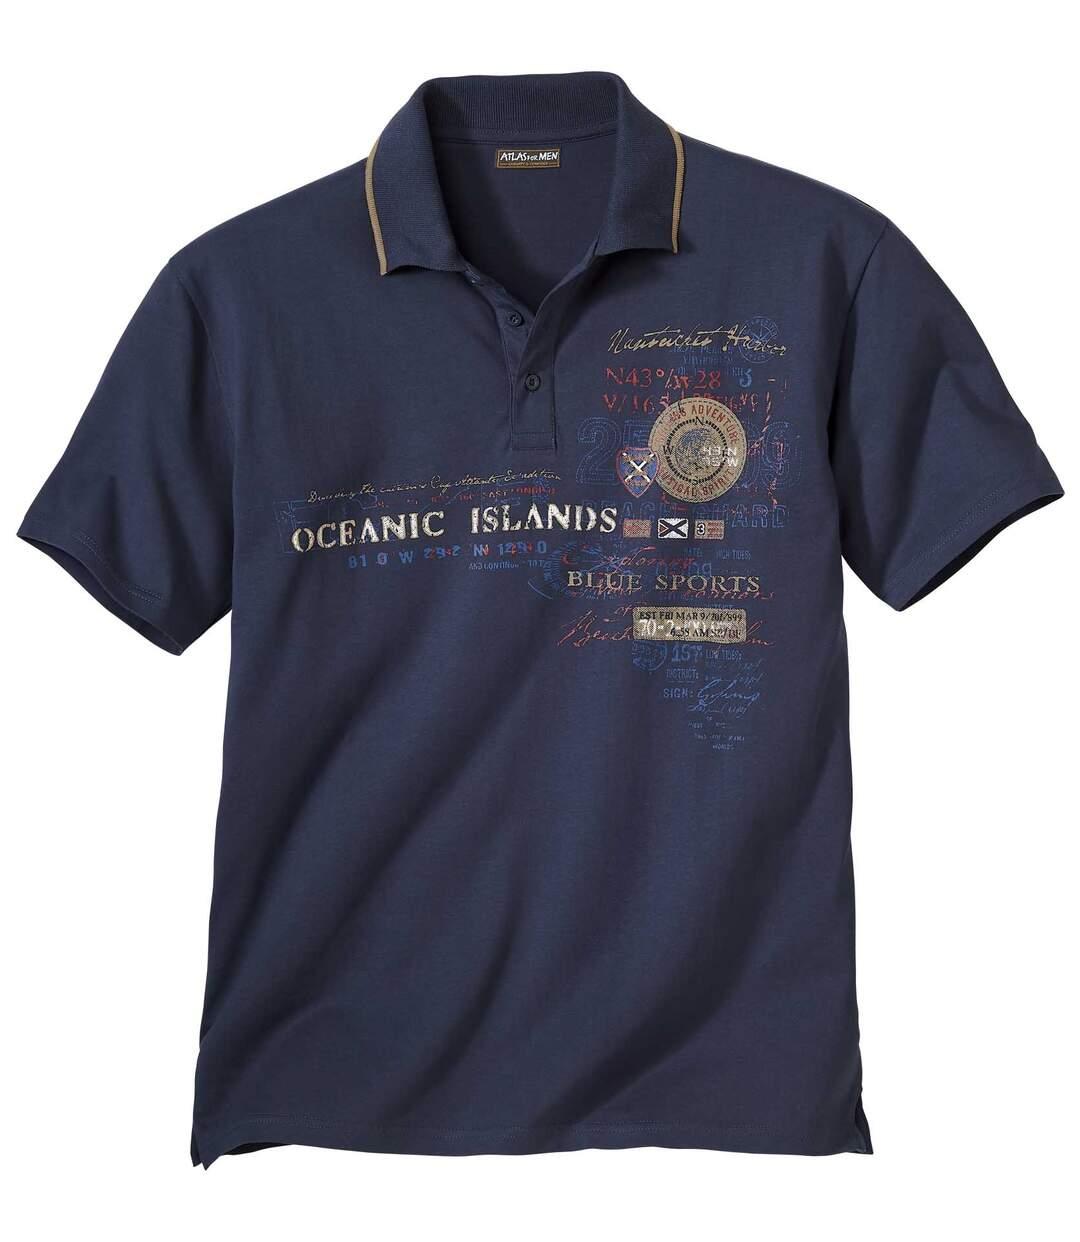 Kurzärmeliges Poloshirt Oceanic Islands